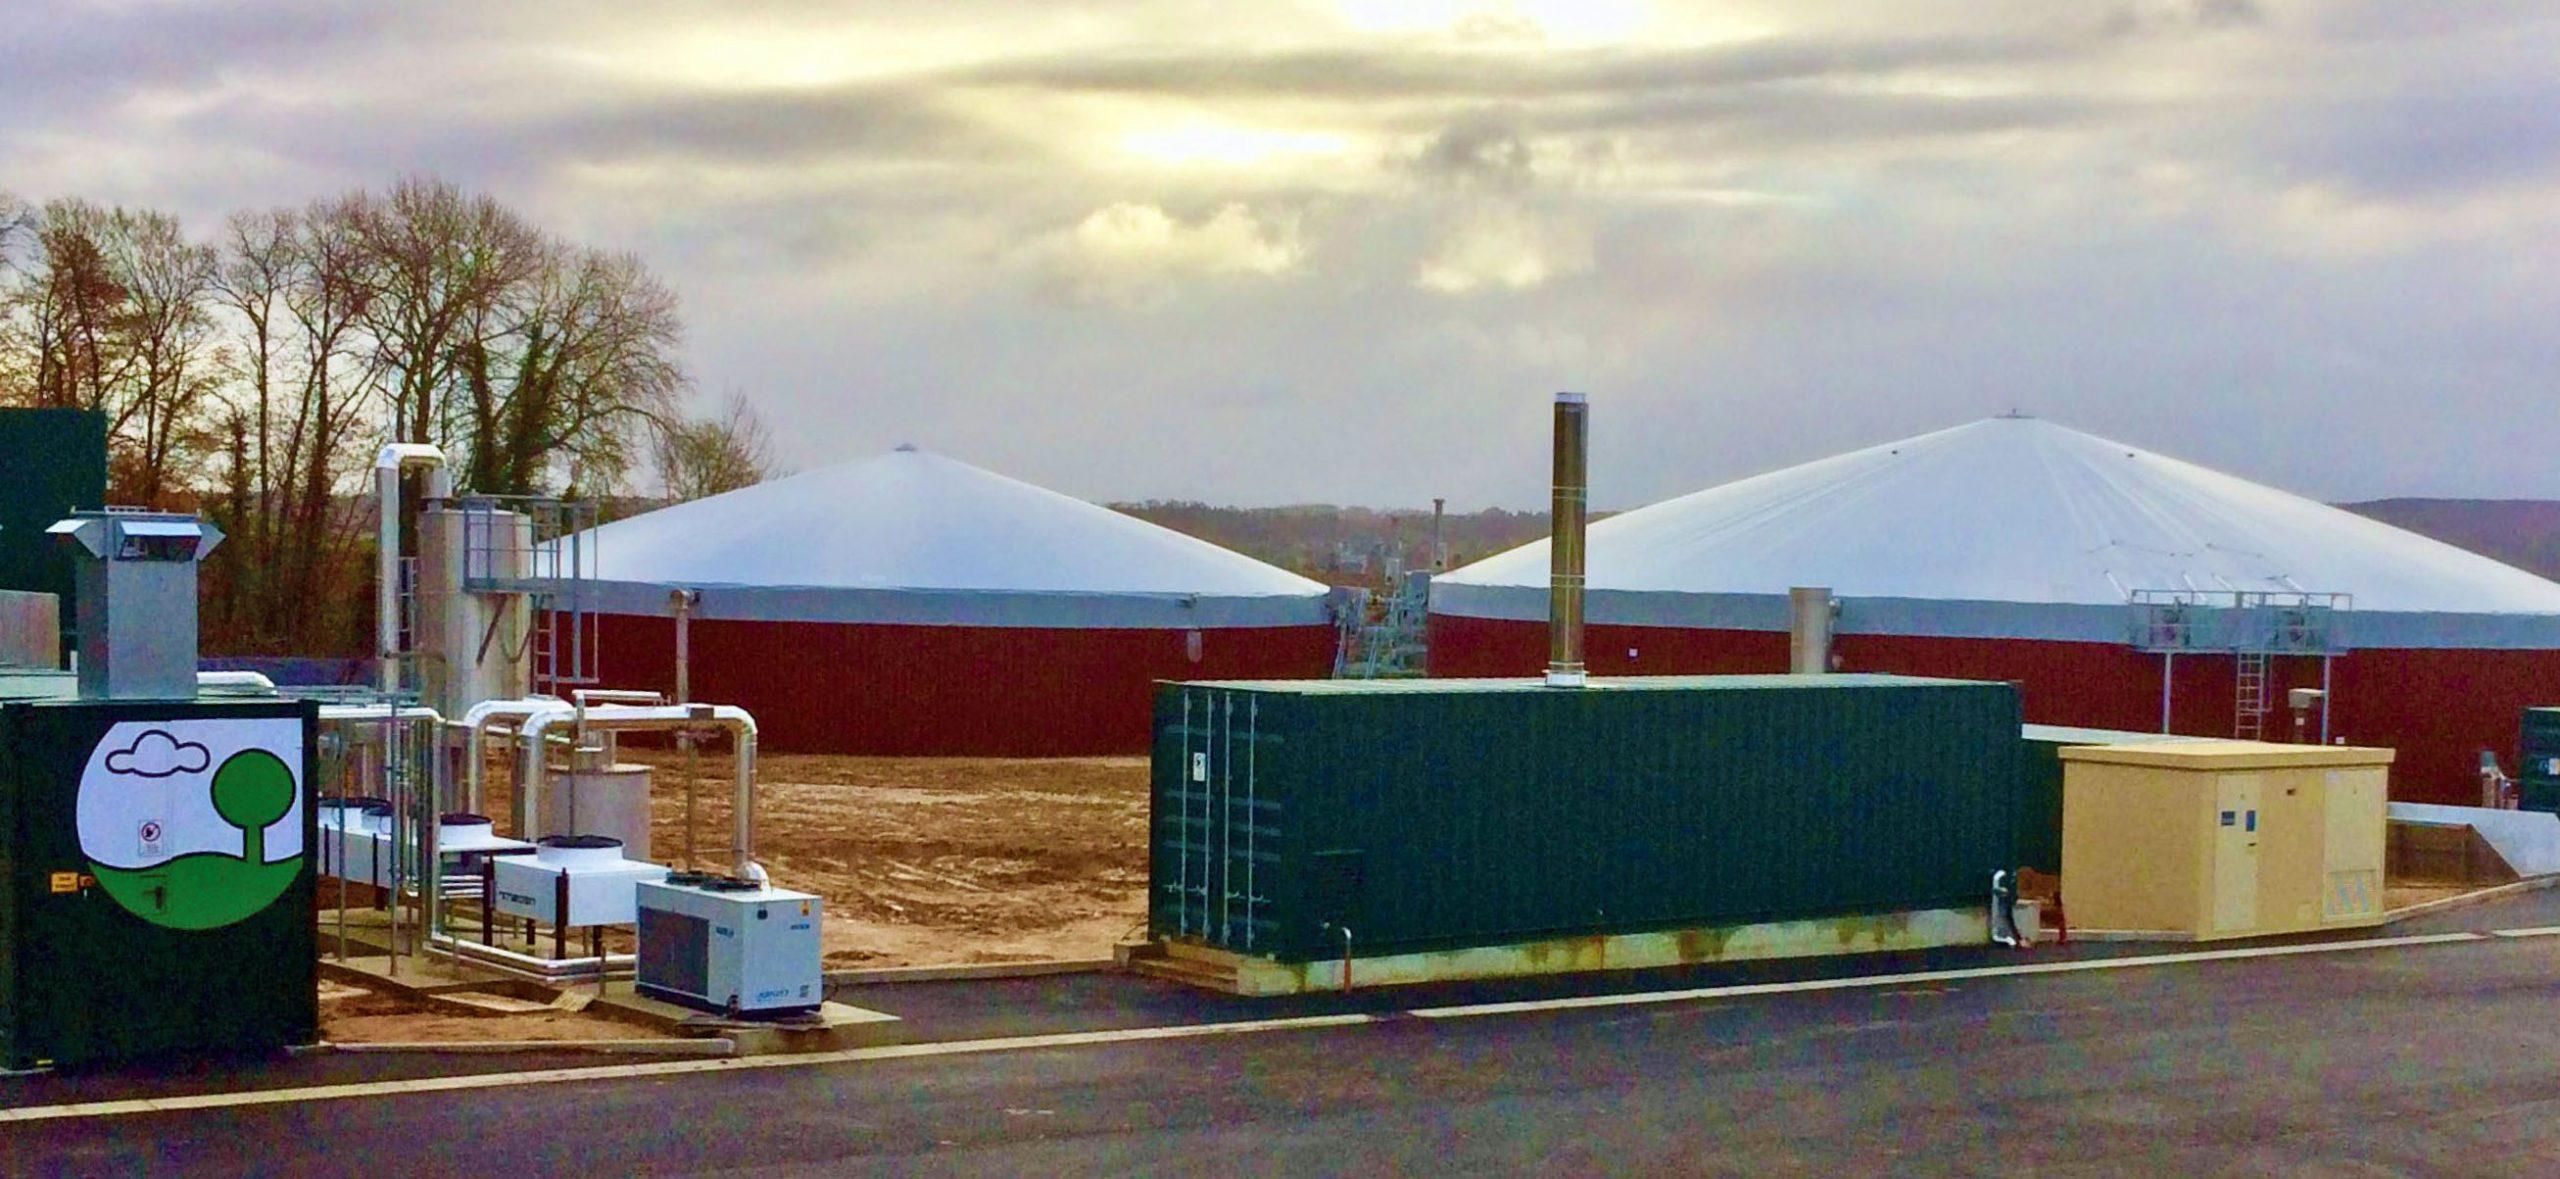 engie bioz centrale biometa